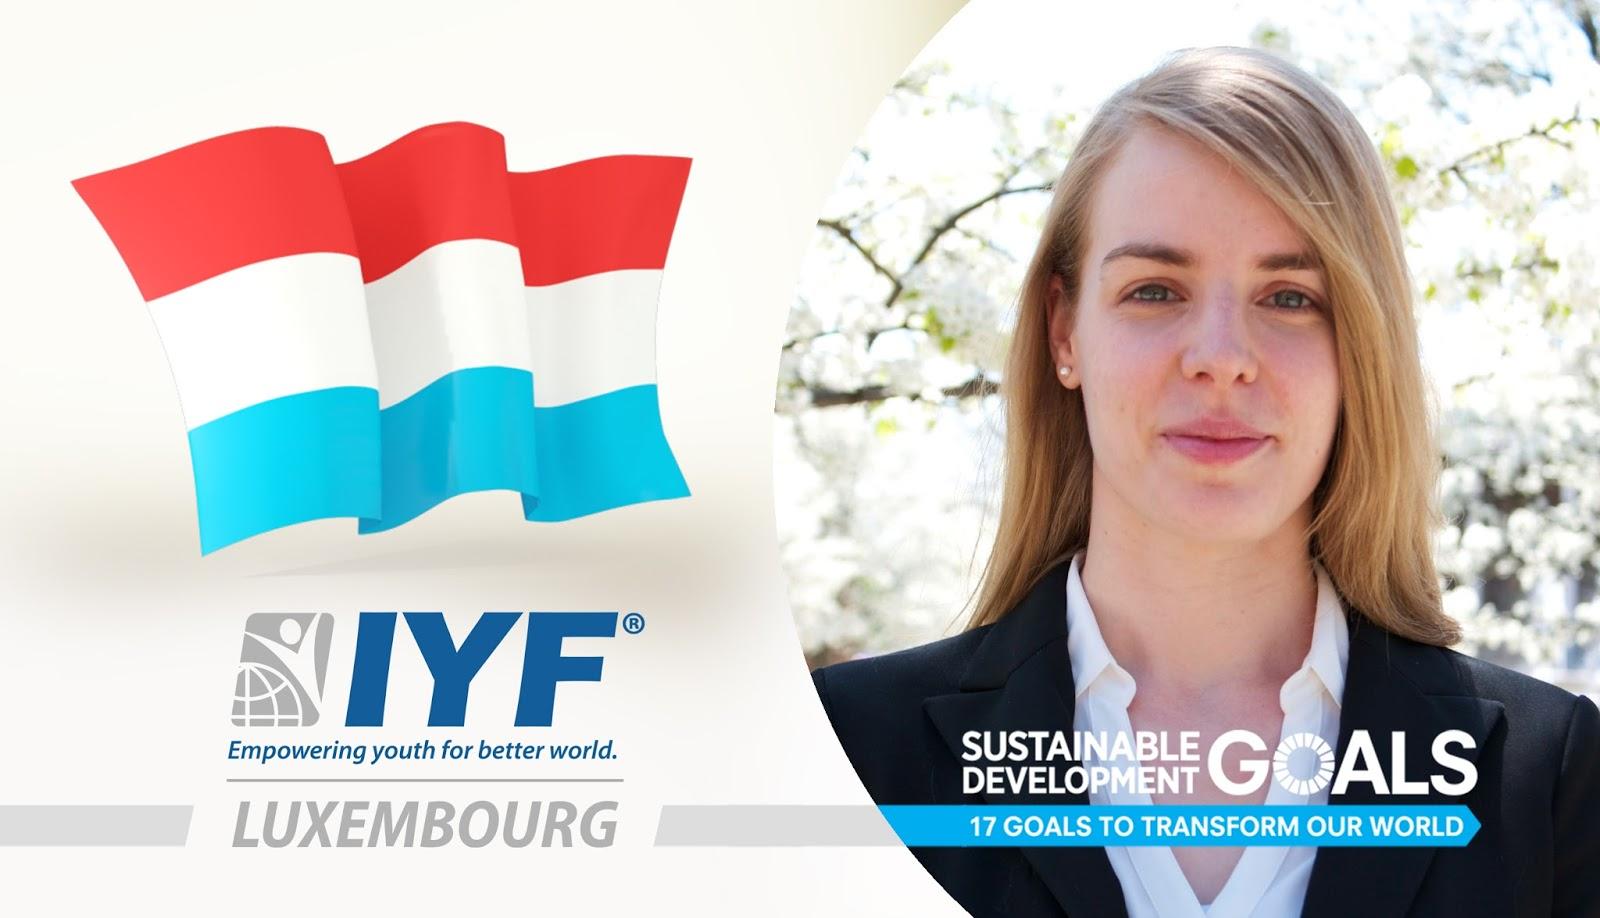 Caroline Gasparro, IYF Representative in Luxembourg